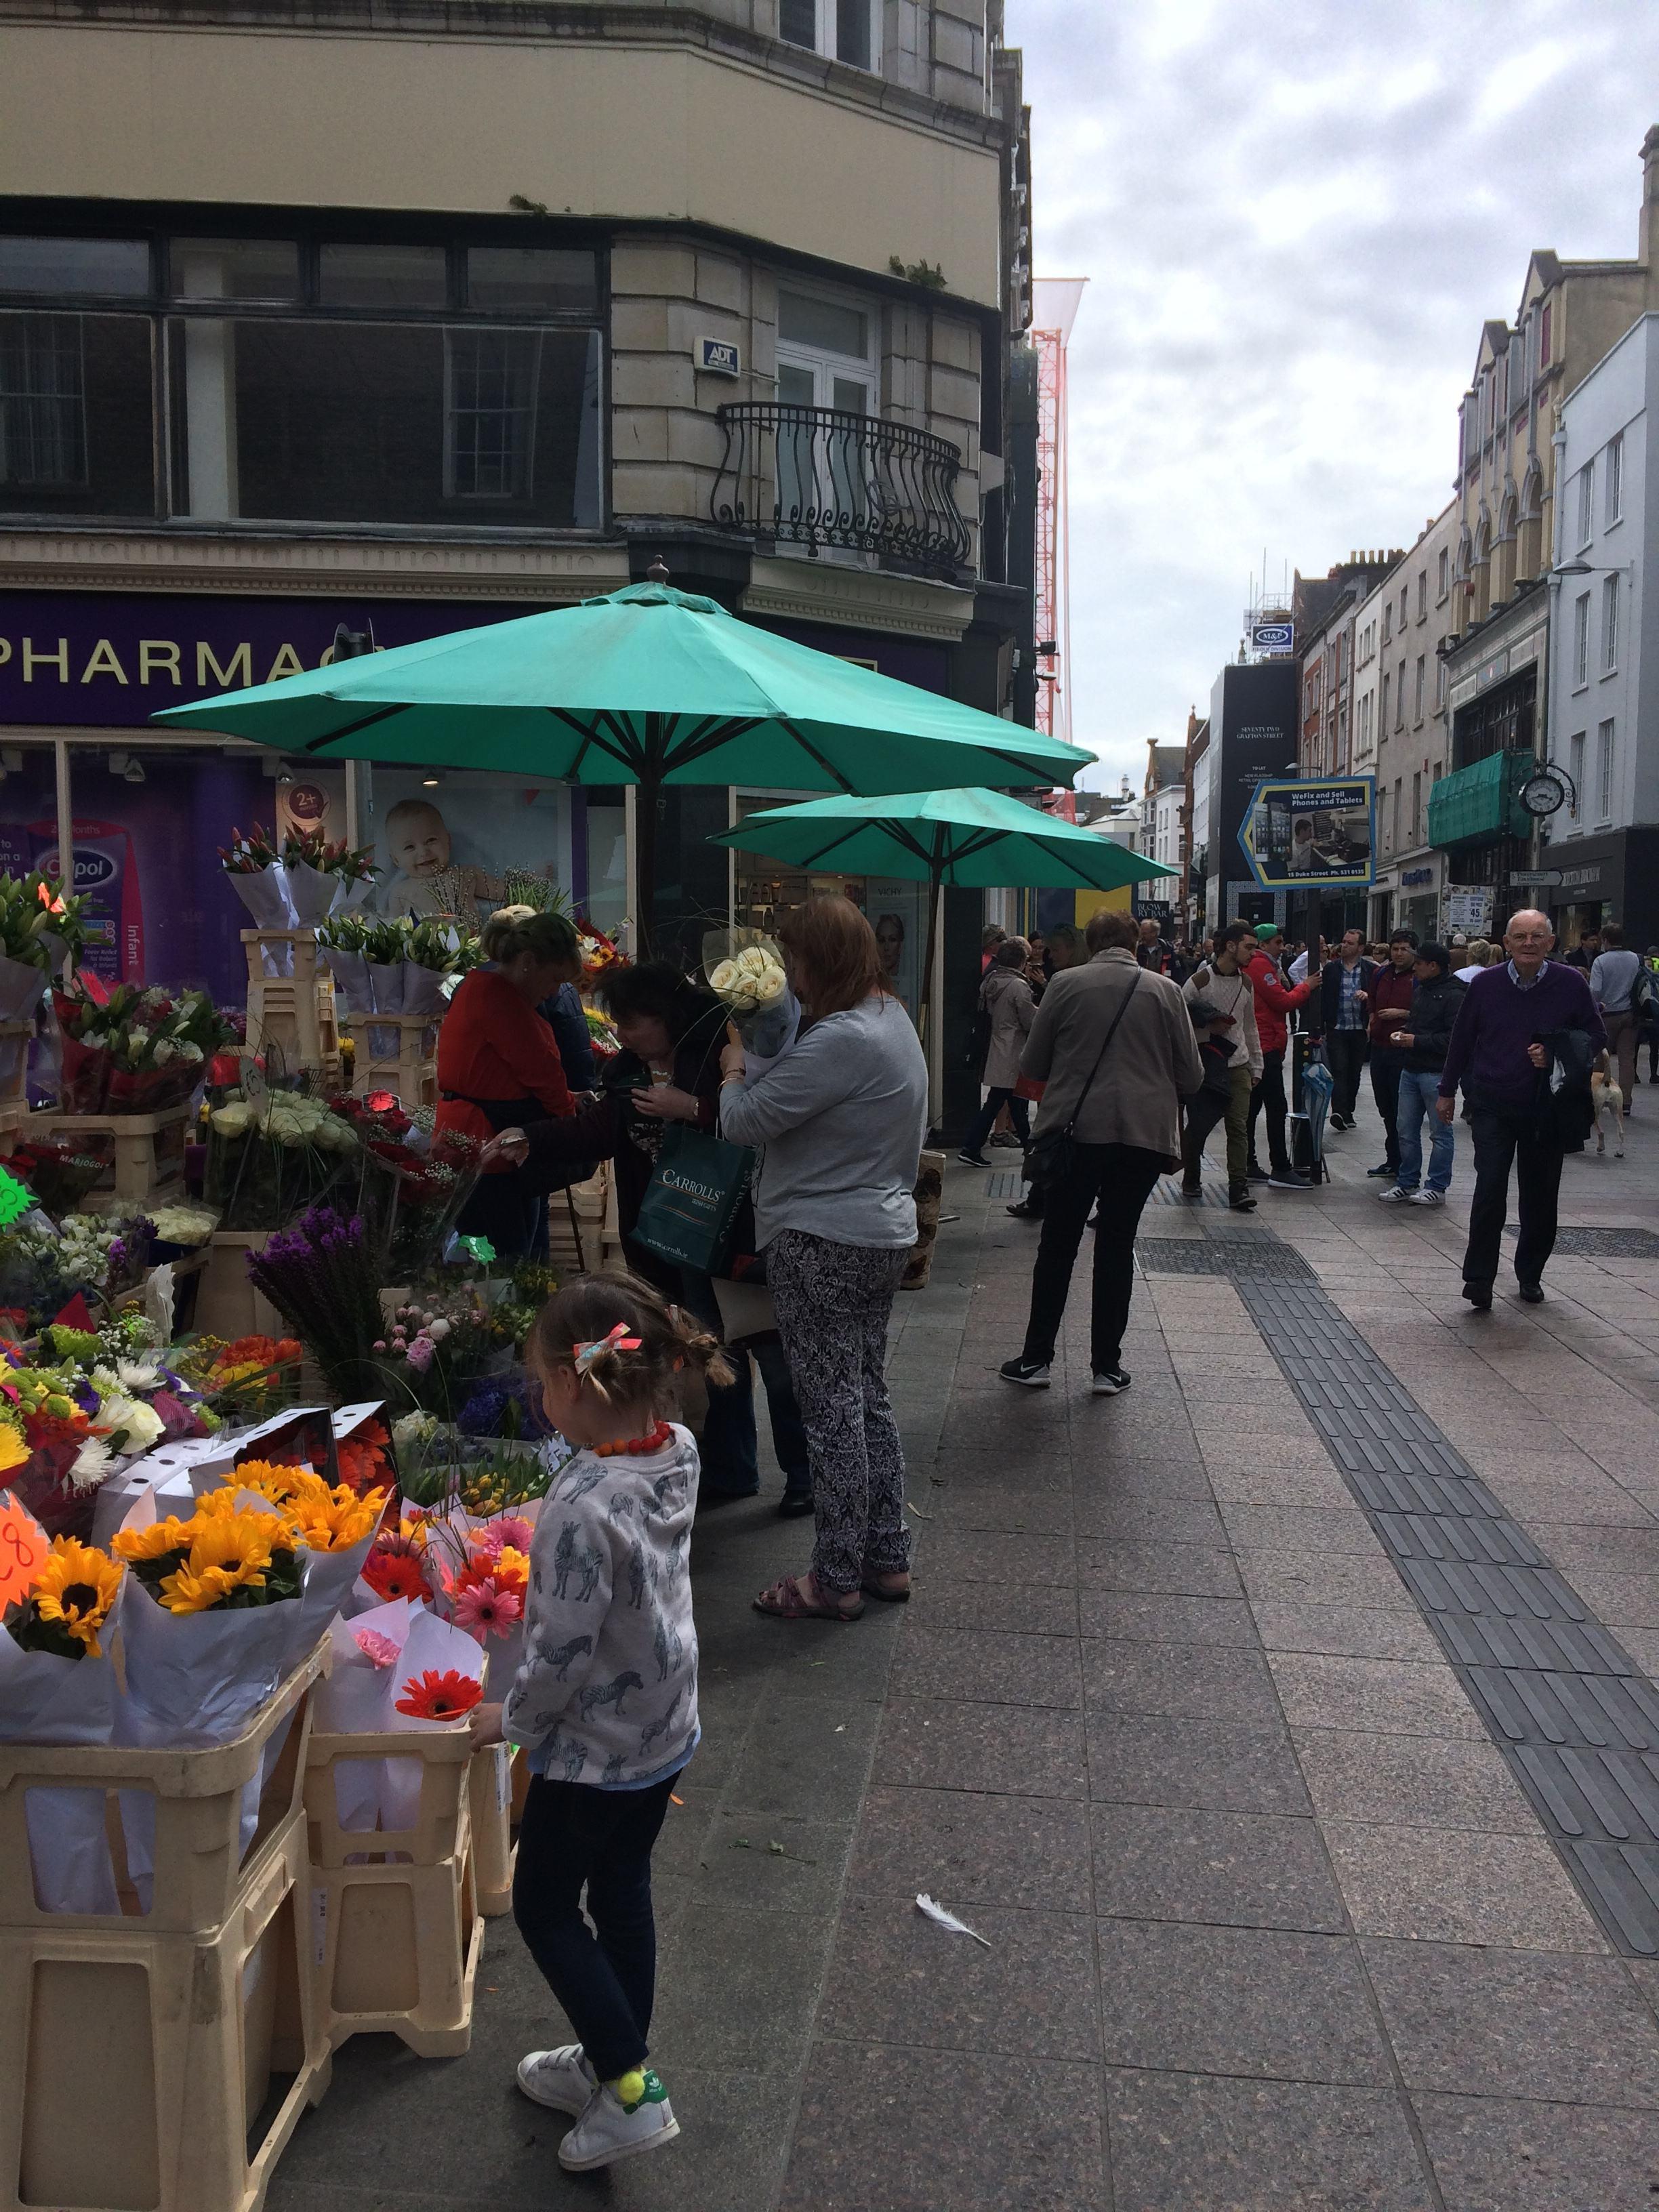 smelling-the-flowers-on-grafton-street-in-dublin.jpg